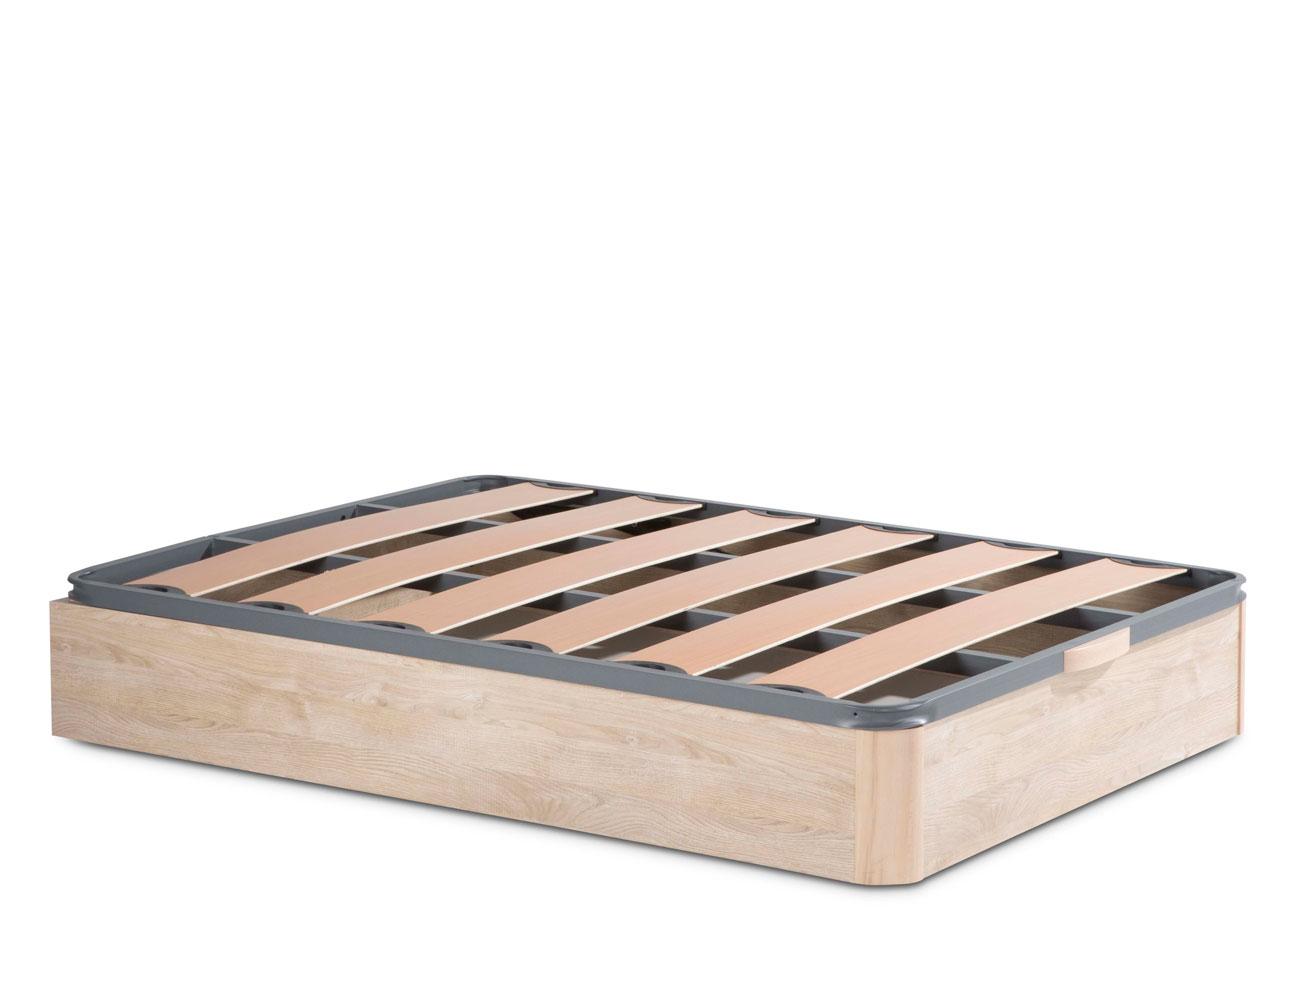 Canape madera somier laminas pvc 782